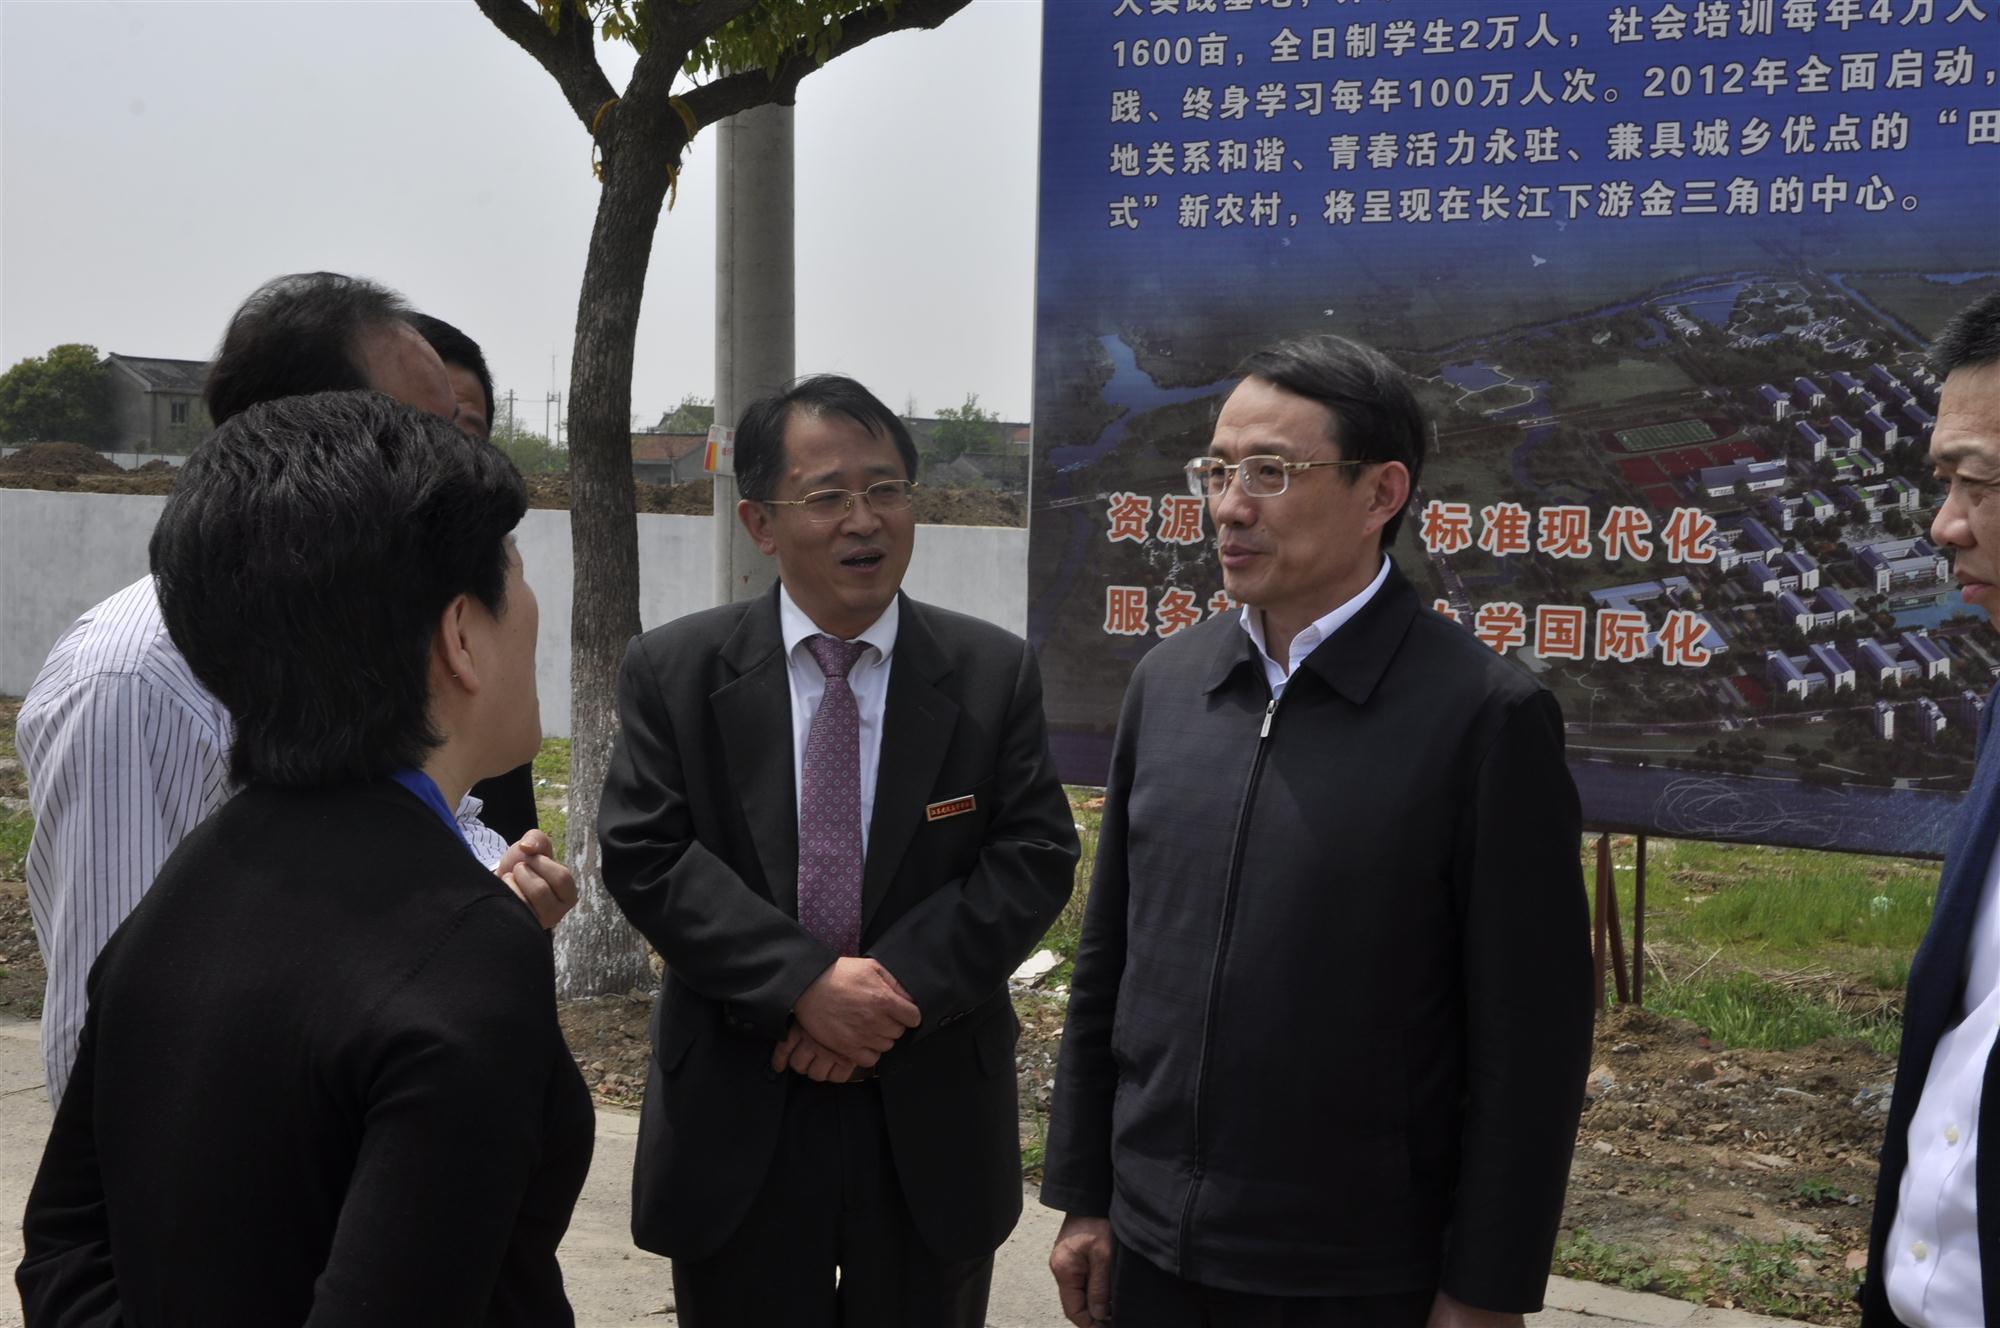 2012年4月18日,省教育厅厅长沈健...